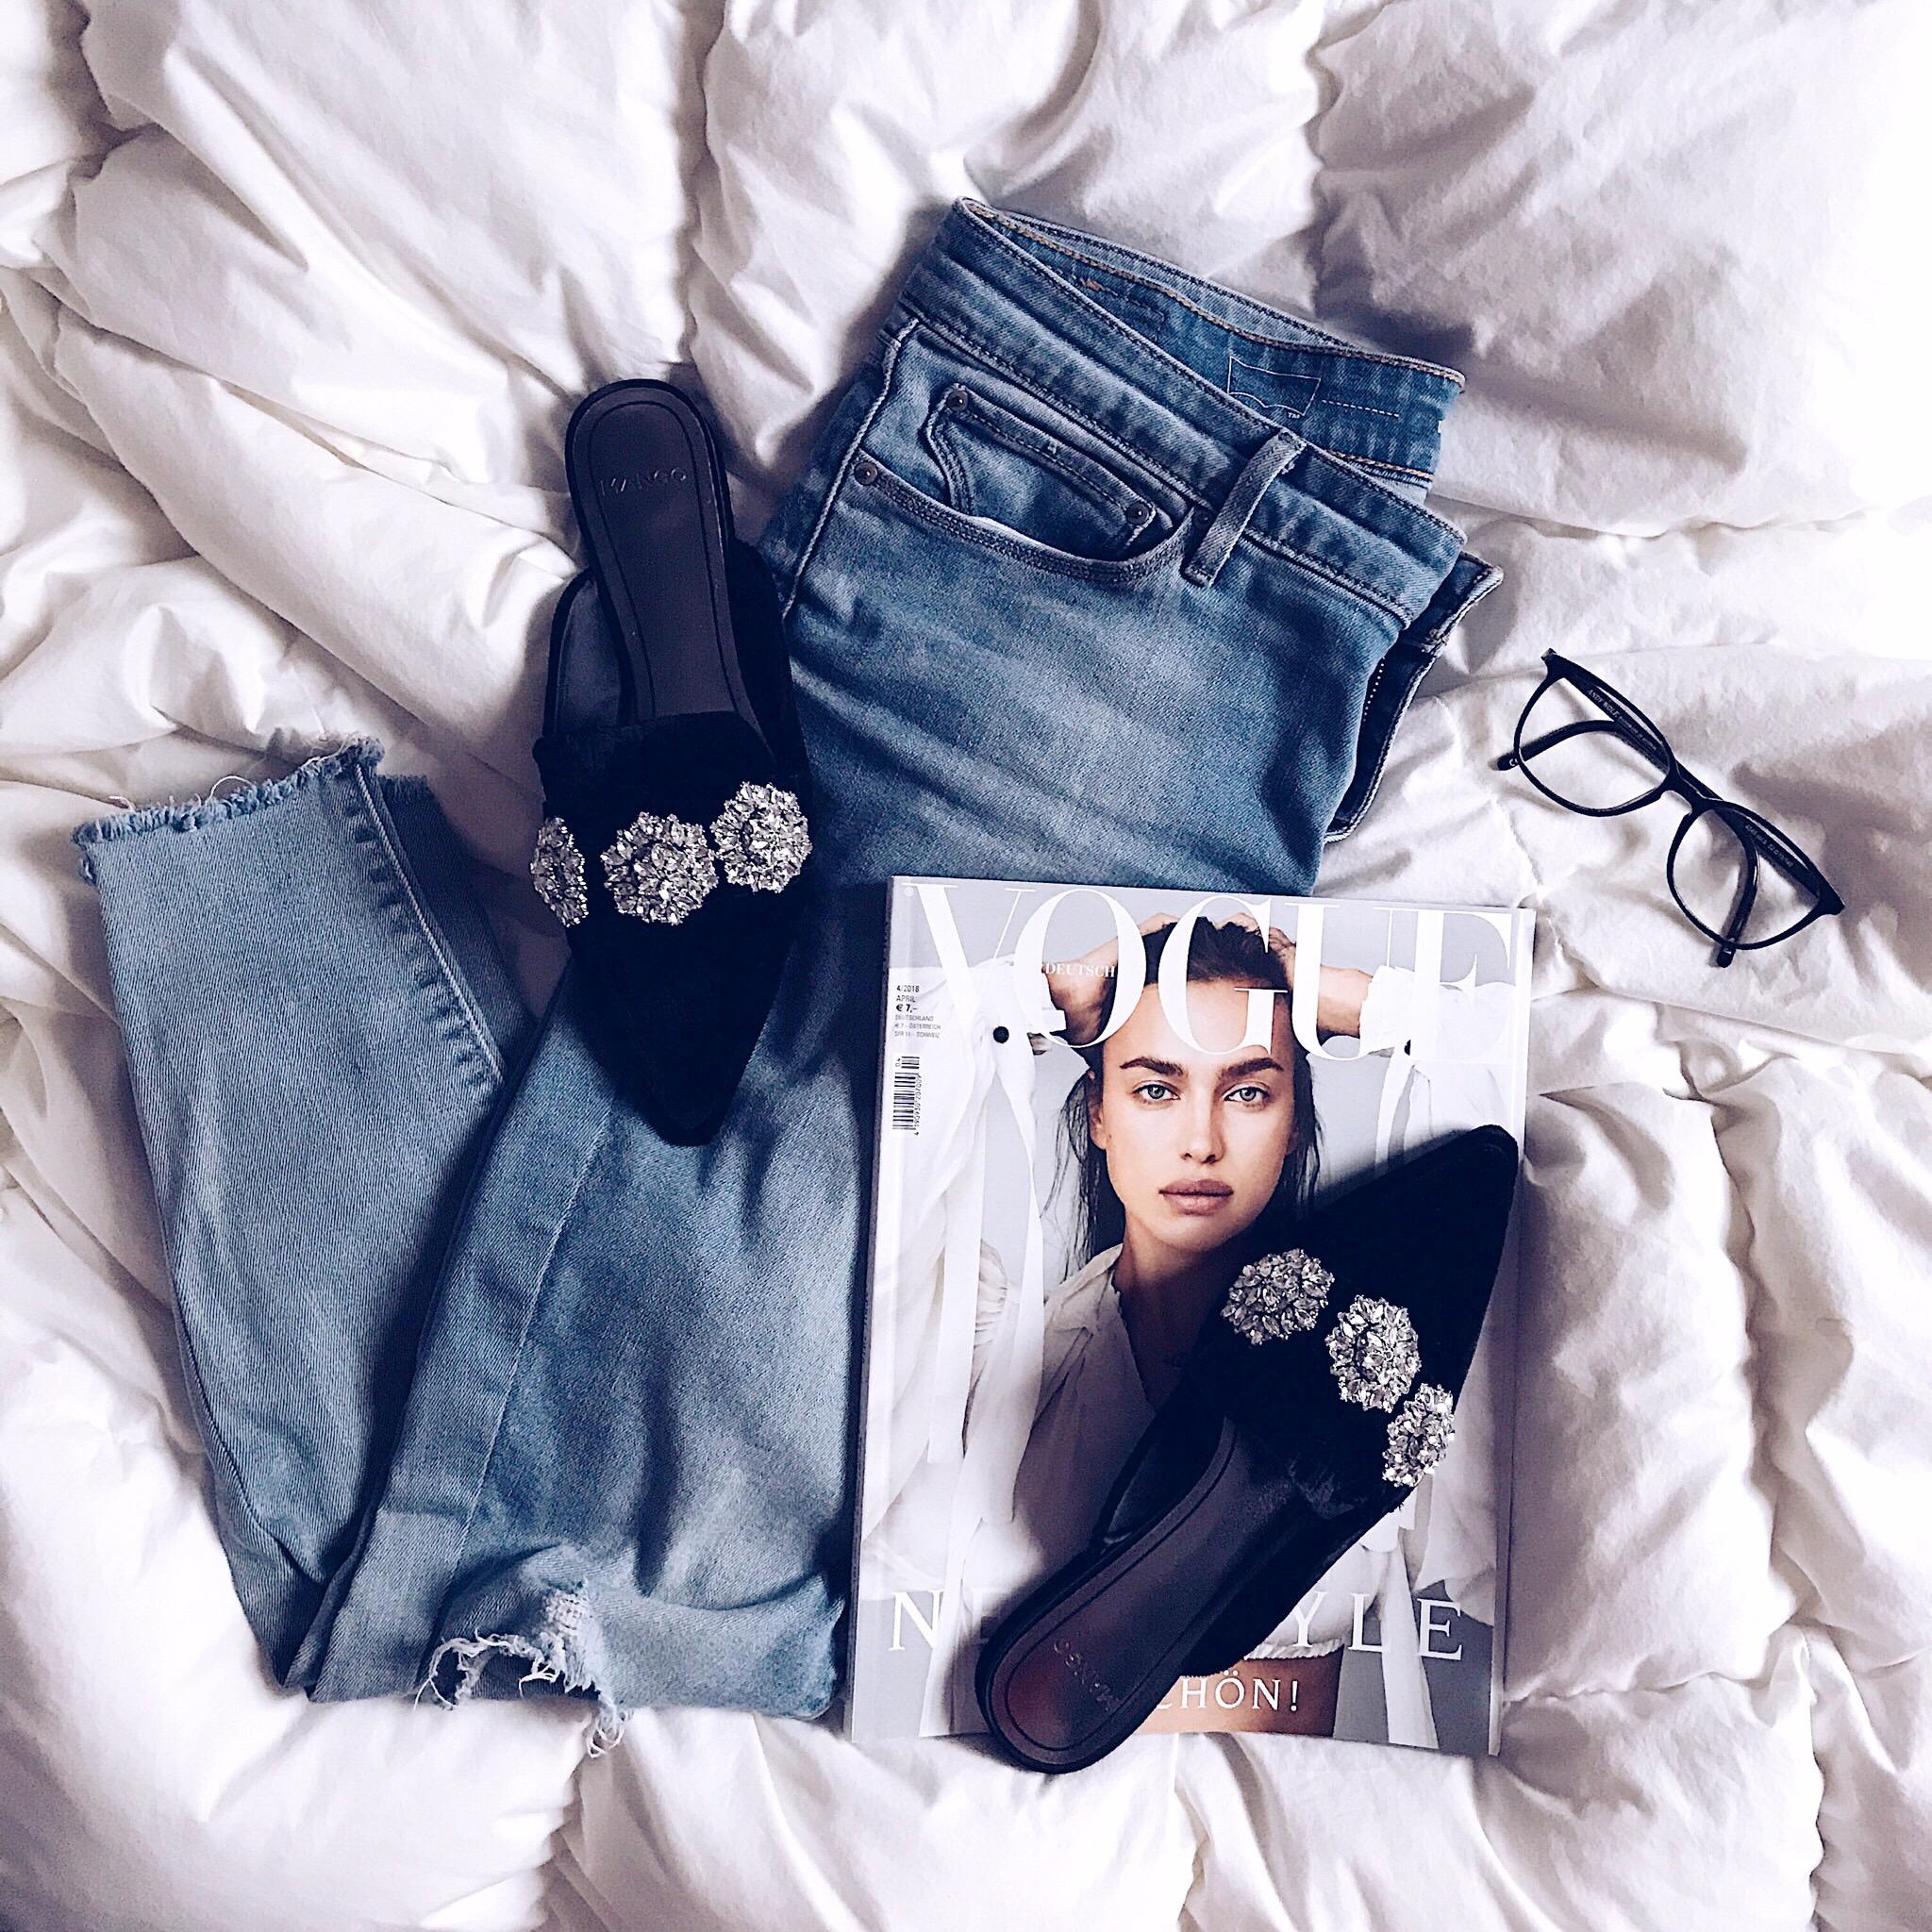 Mango Pantolette, Levis Jeans,